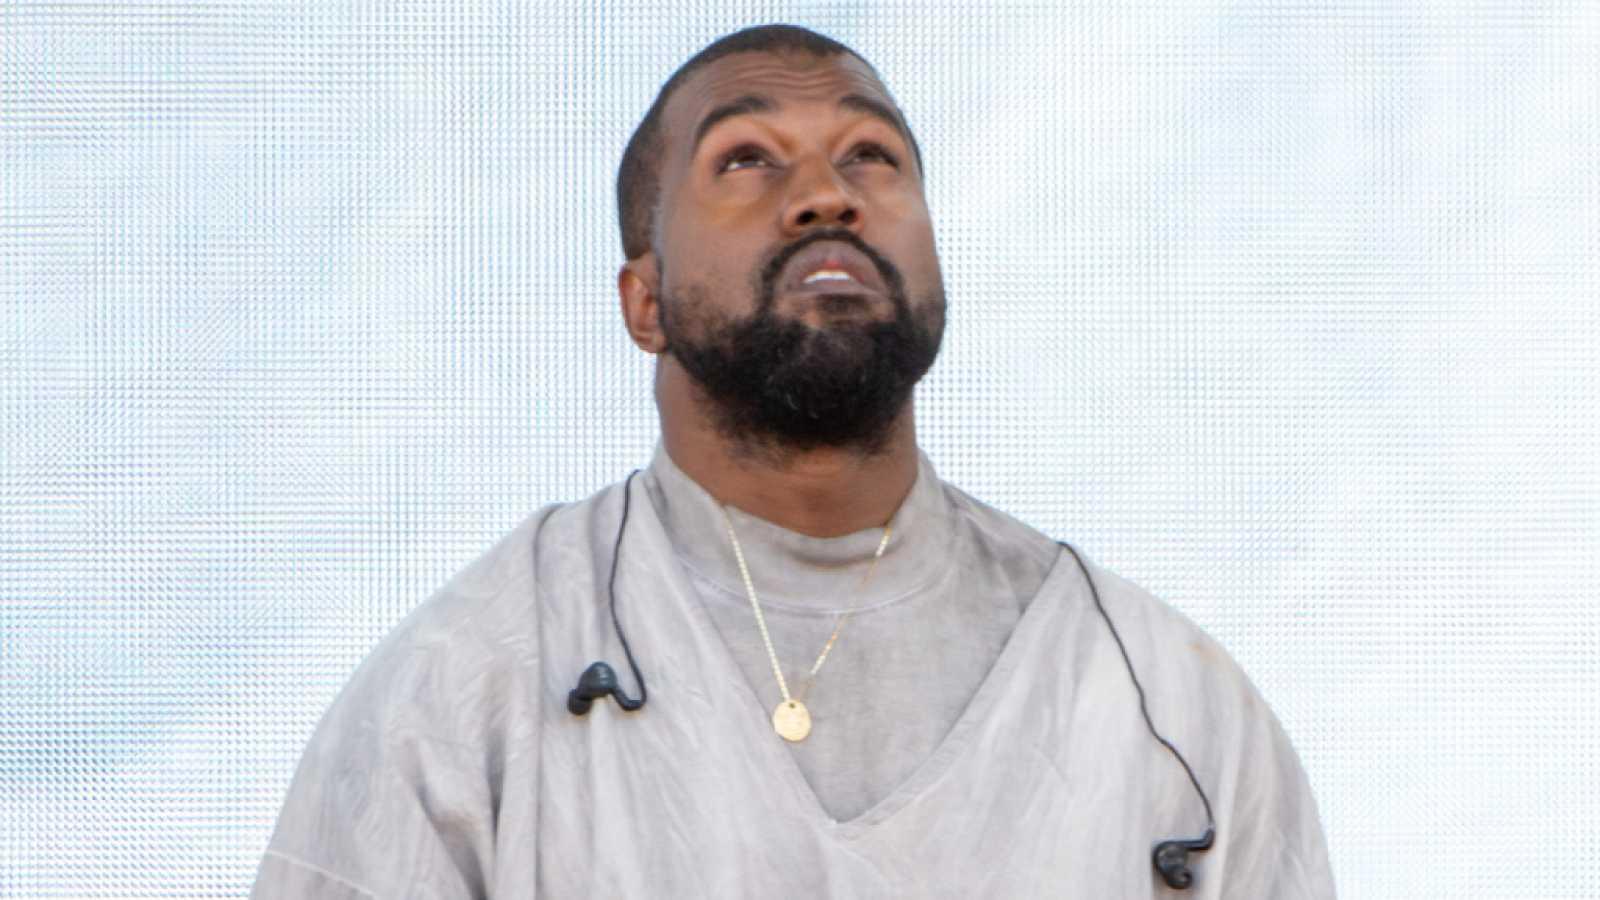 Kanye West no se rinde y confirma su candidatura para las elecciones de 2024